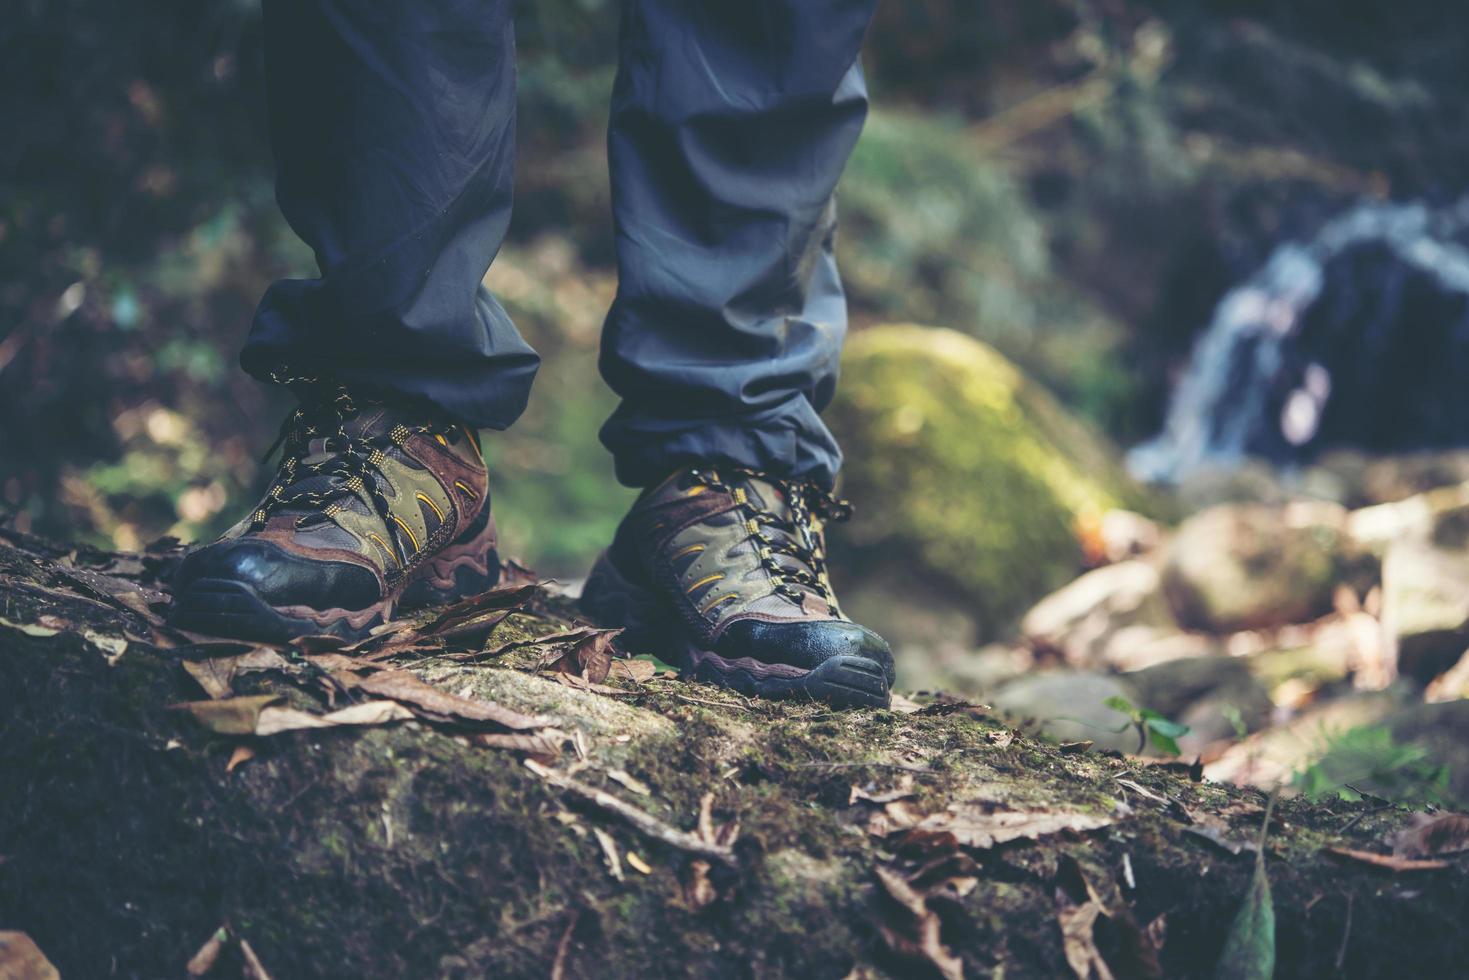 gros plan, de, a, pied homme, randonnée, sur, a, chemin montagne photo